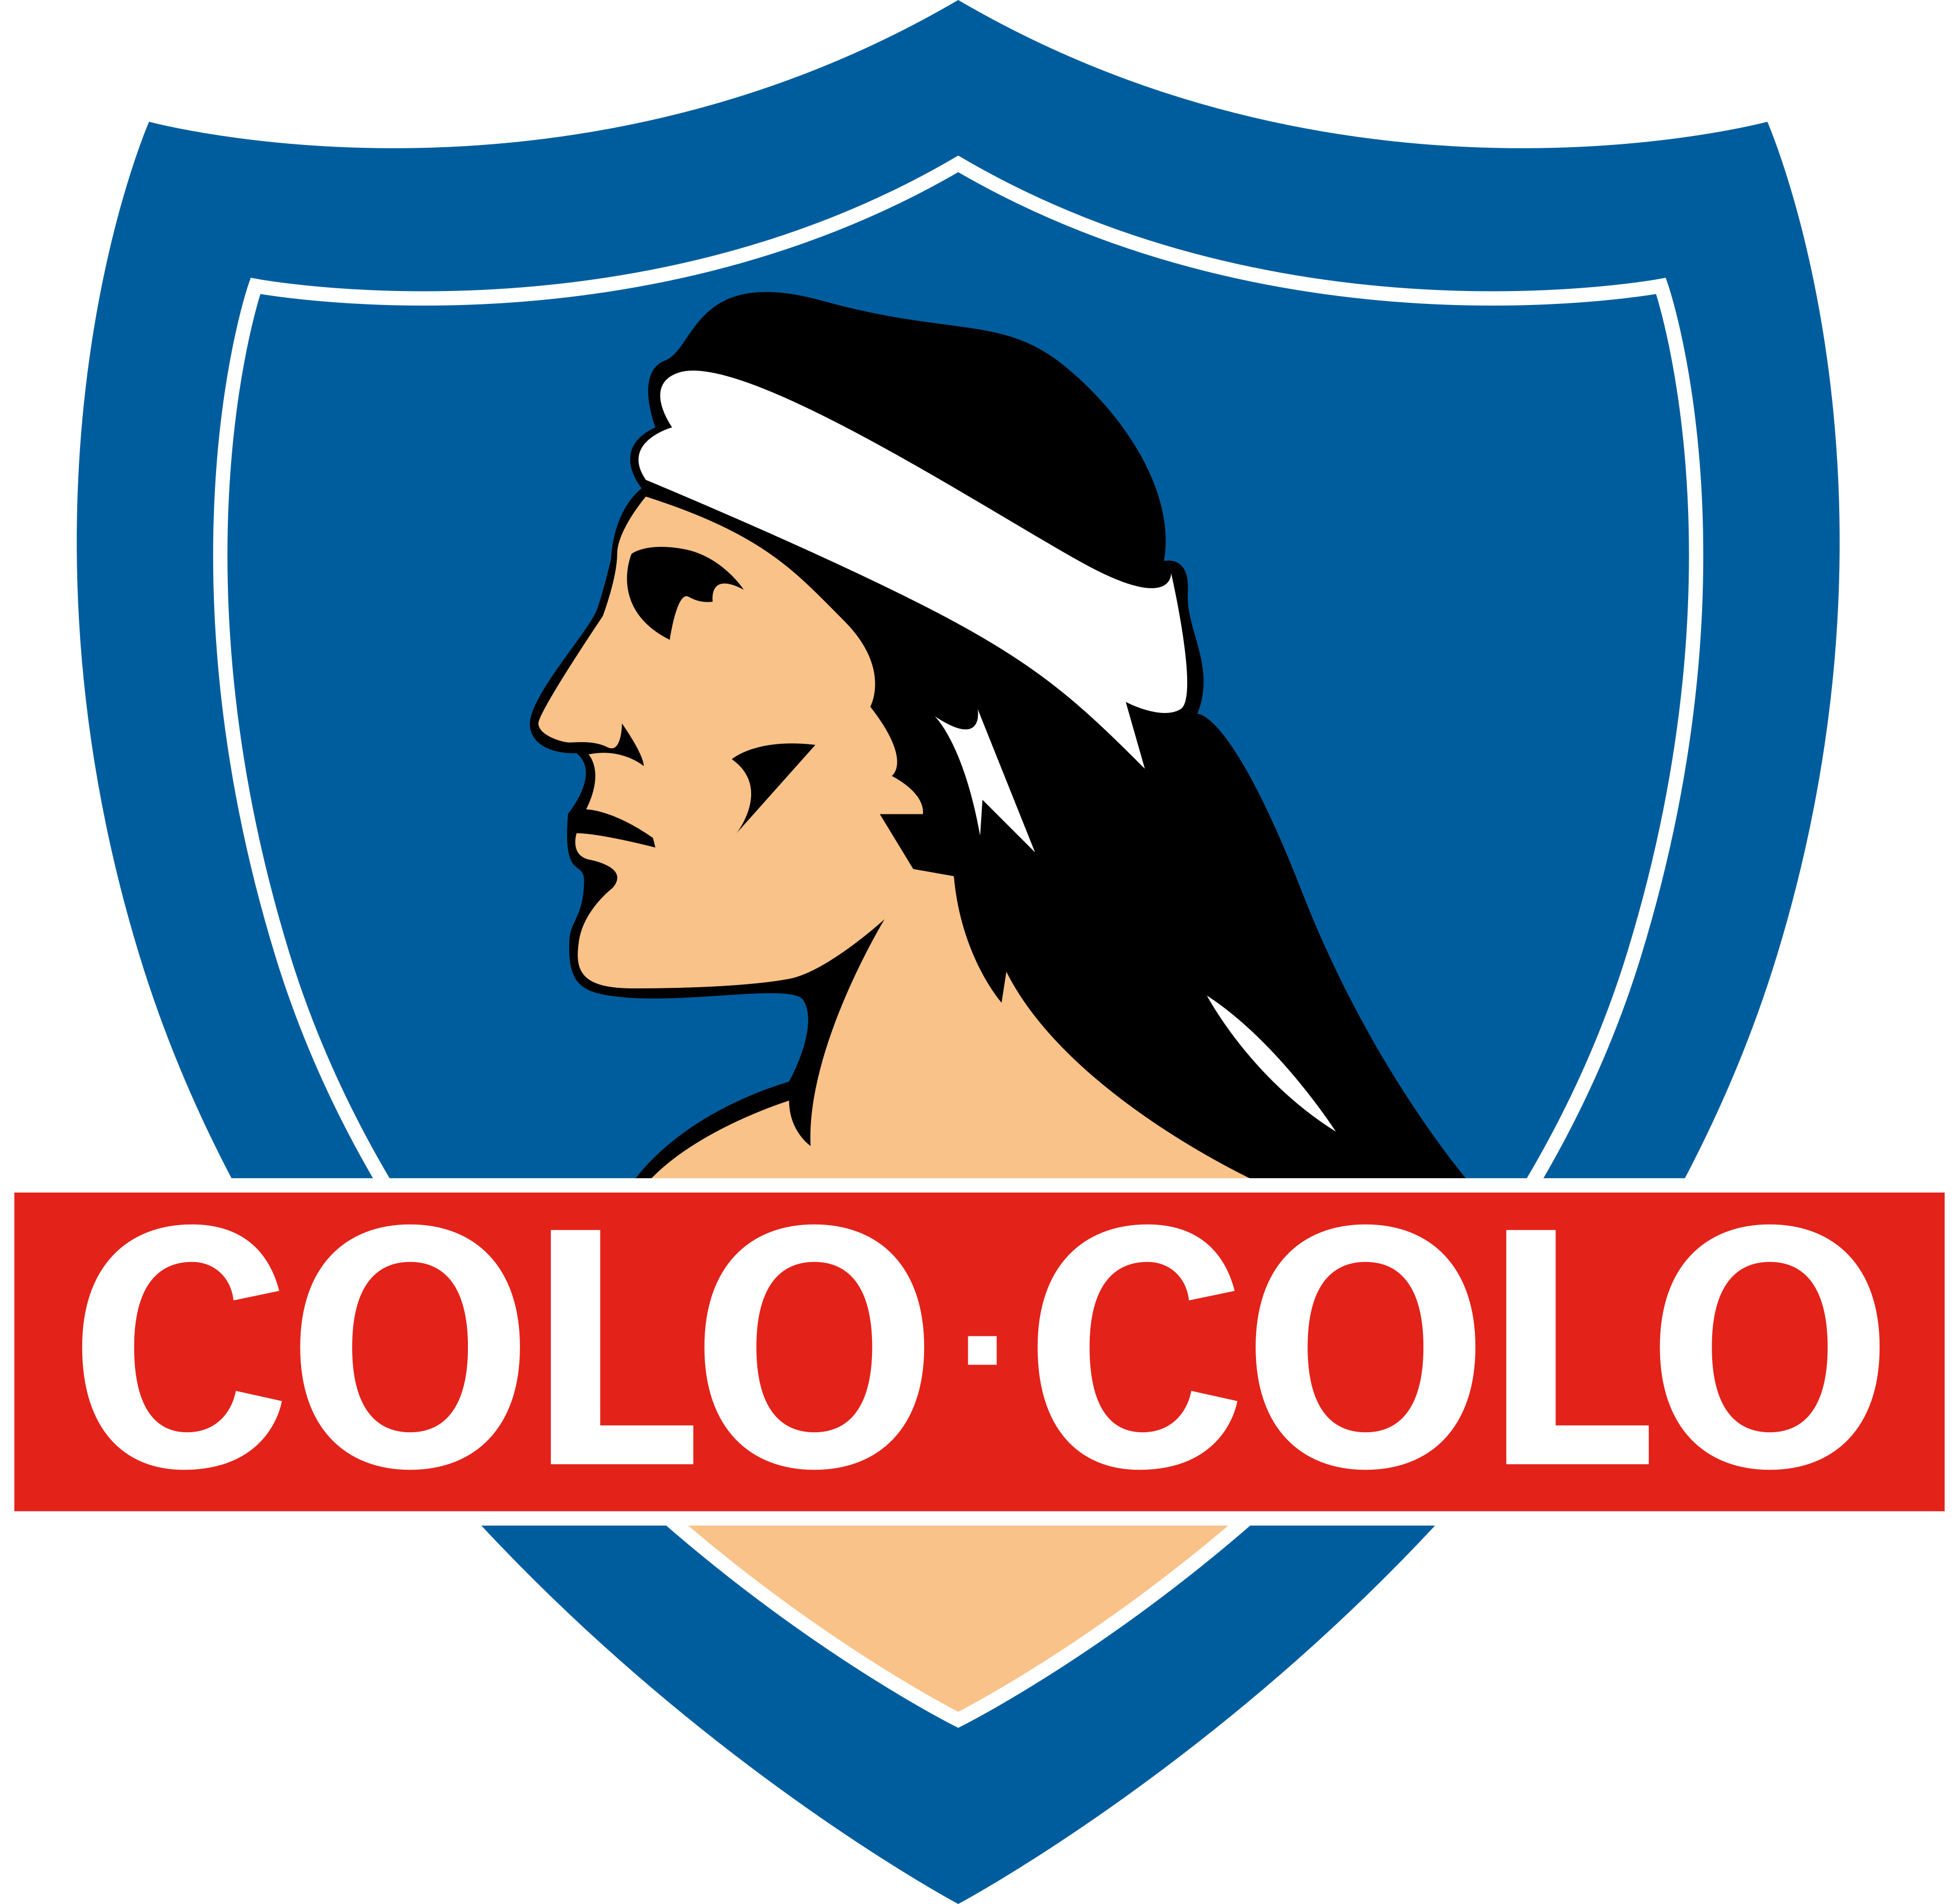 colo-colo-logo-escudo-shield